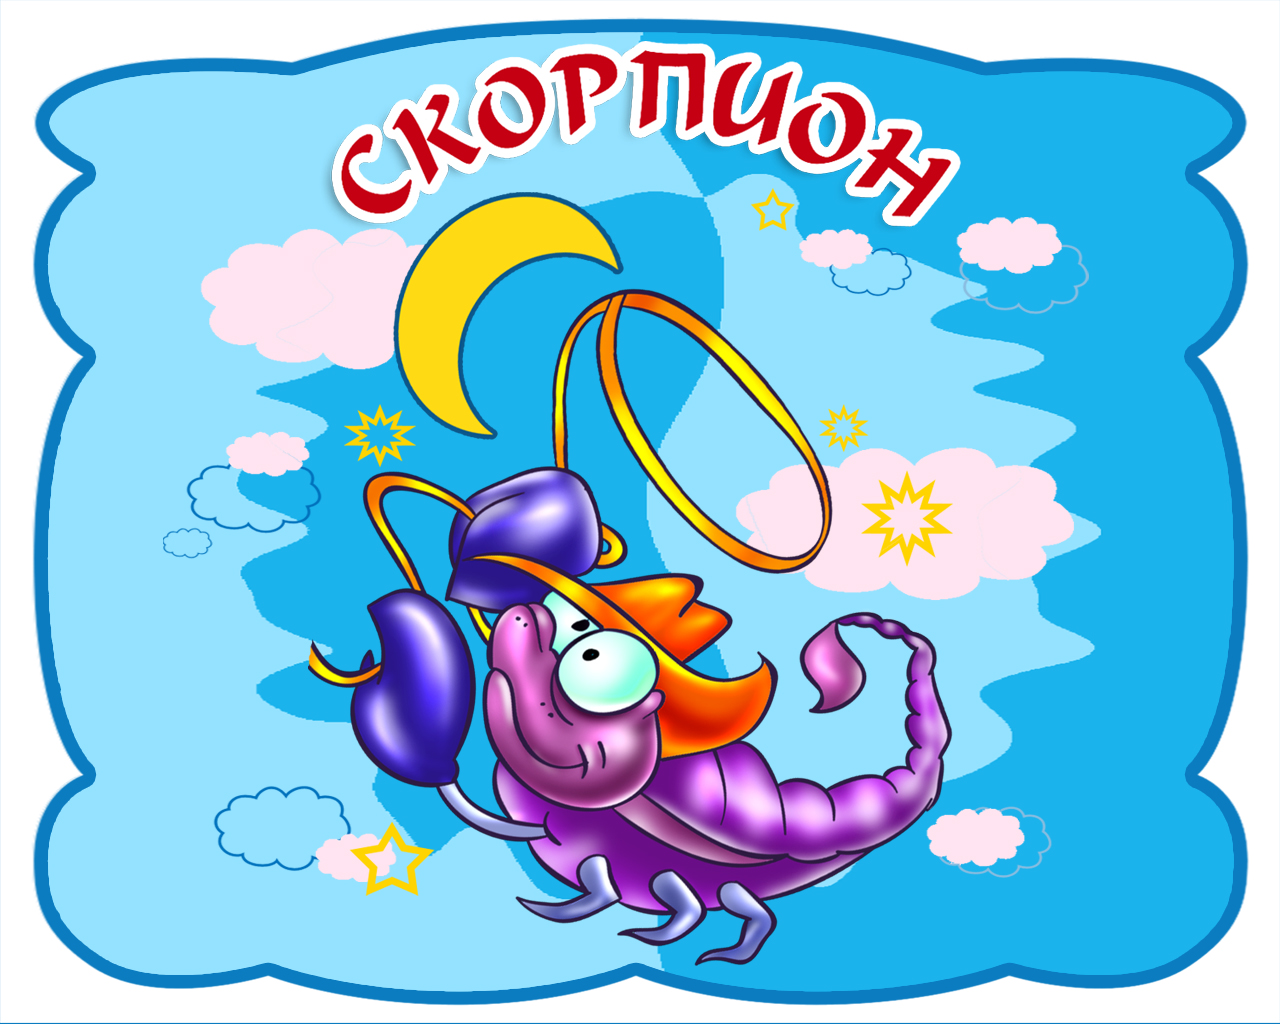 фотообои скорпион: